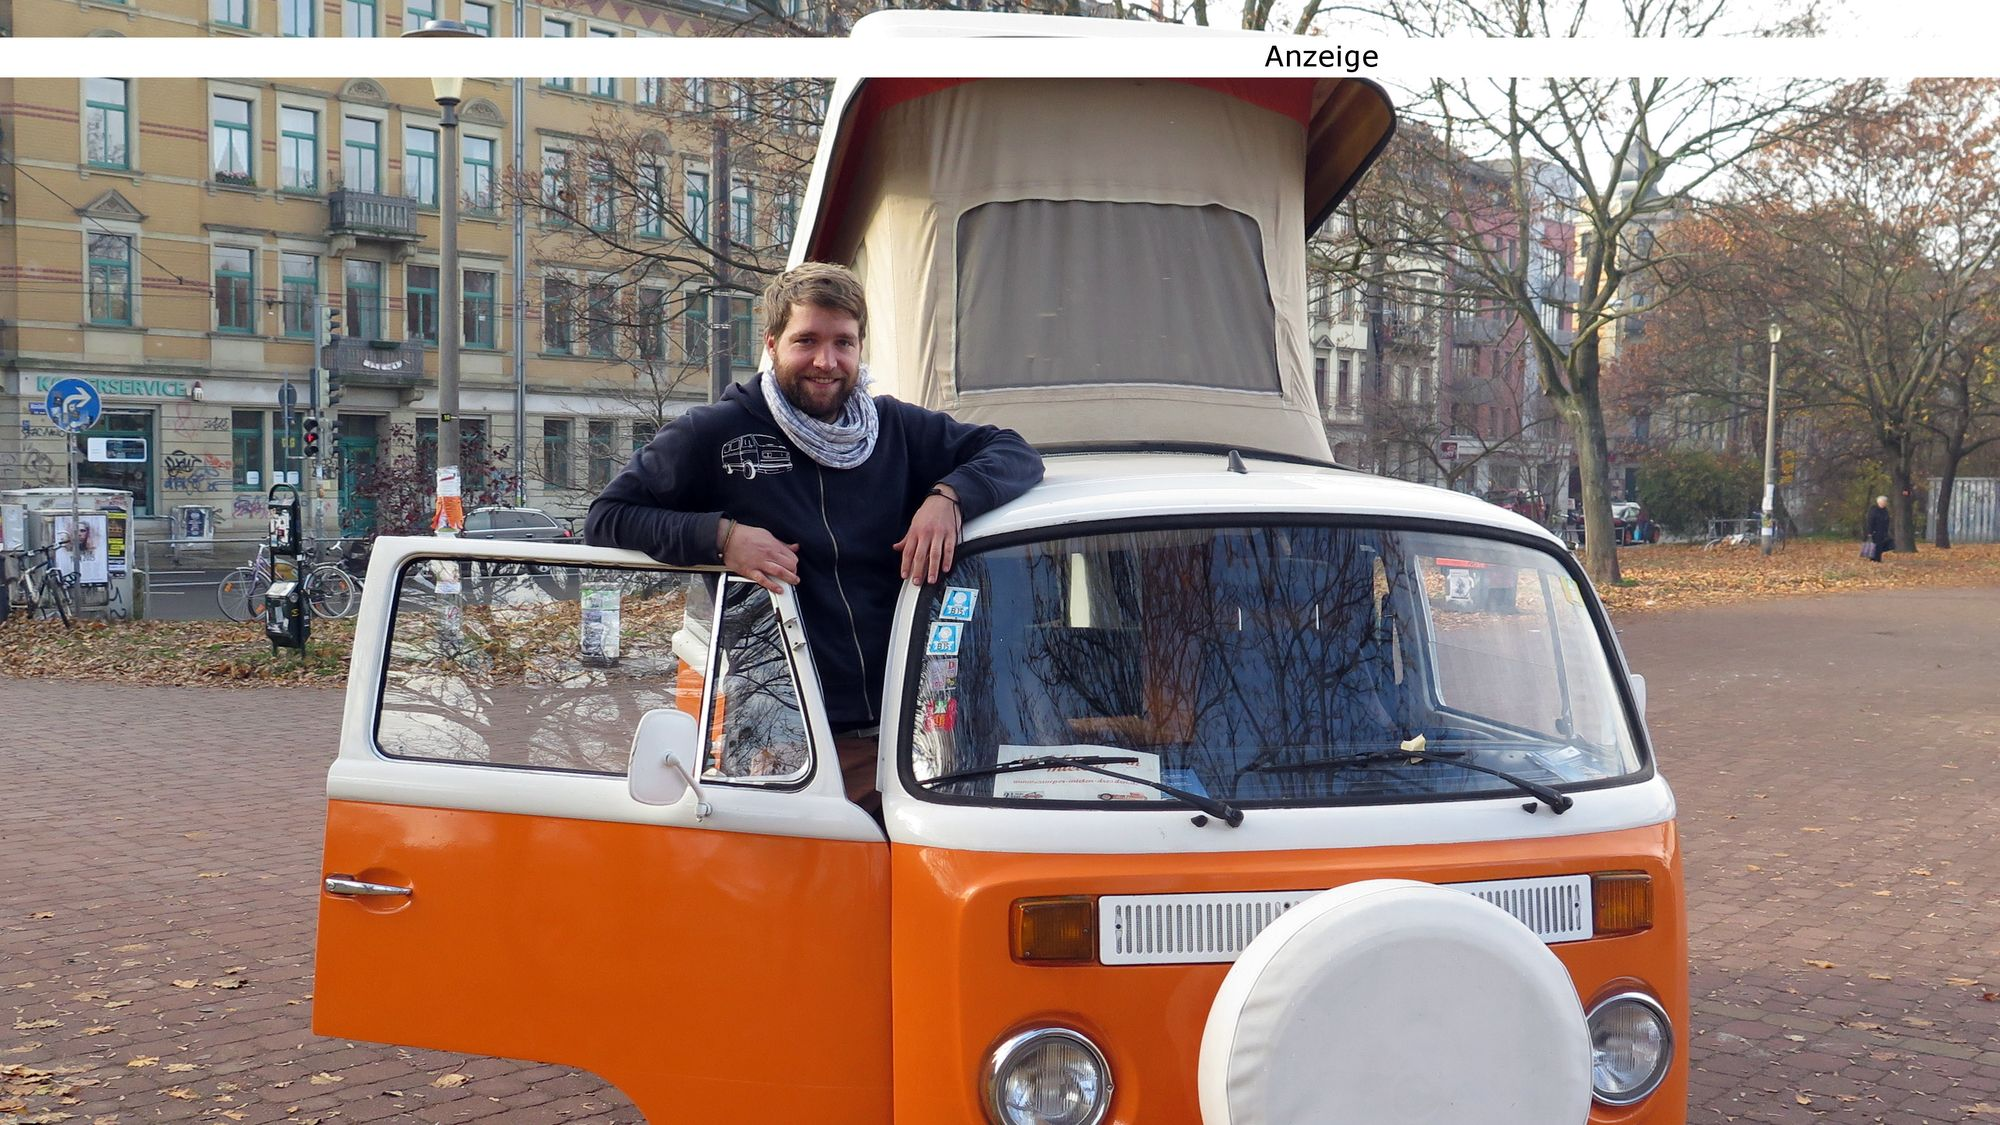 Der Typ mit den Bussen